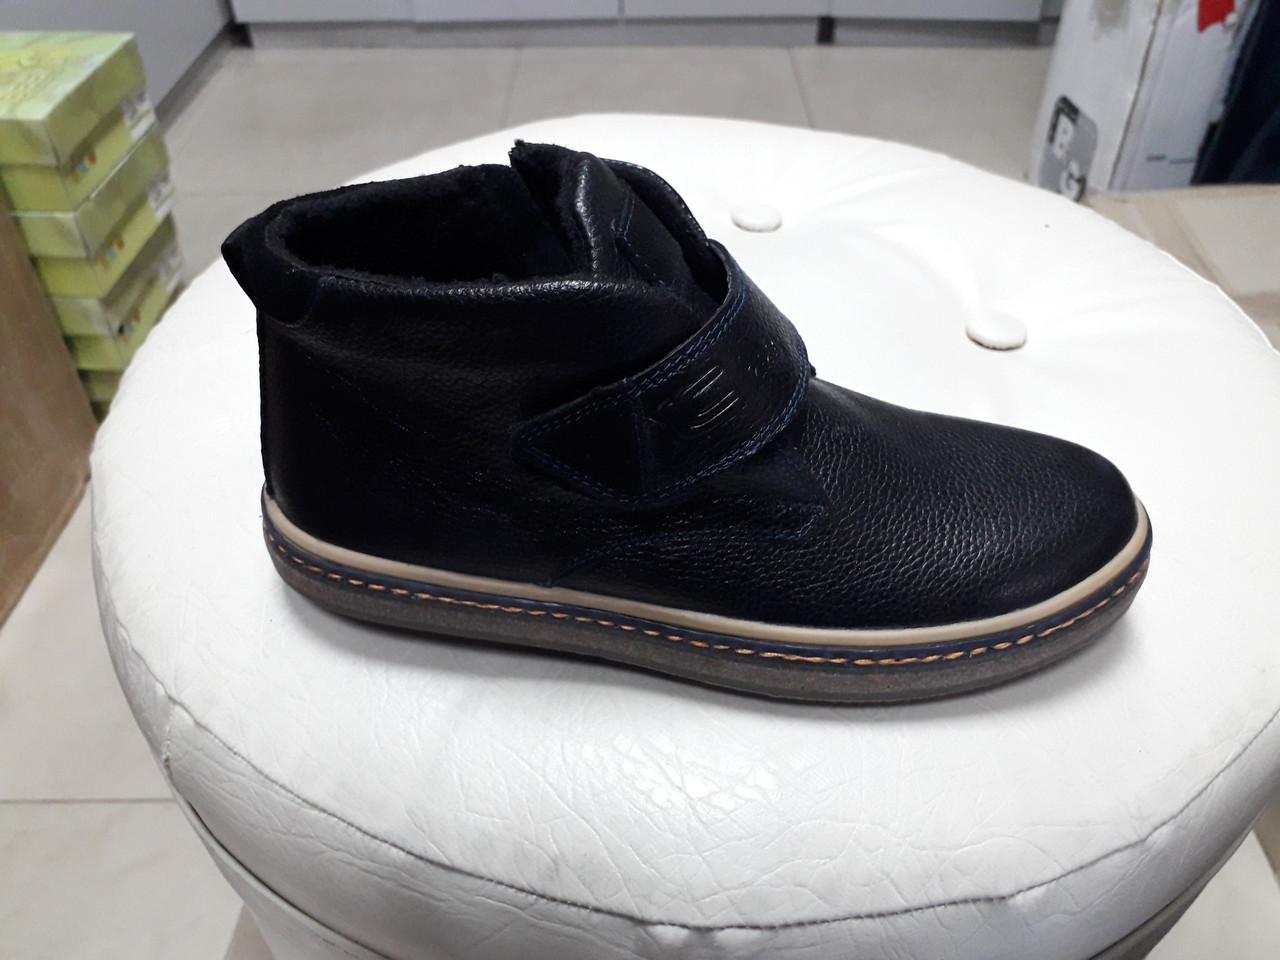 2c3900f46054 Осенние ботинки для мальчика - Bigl.ua